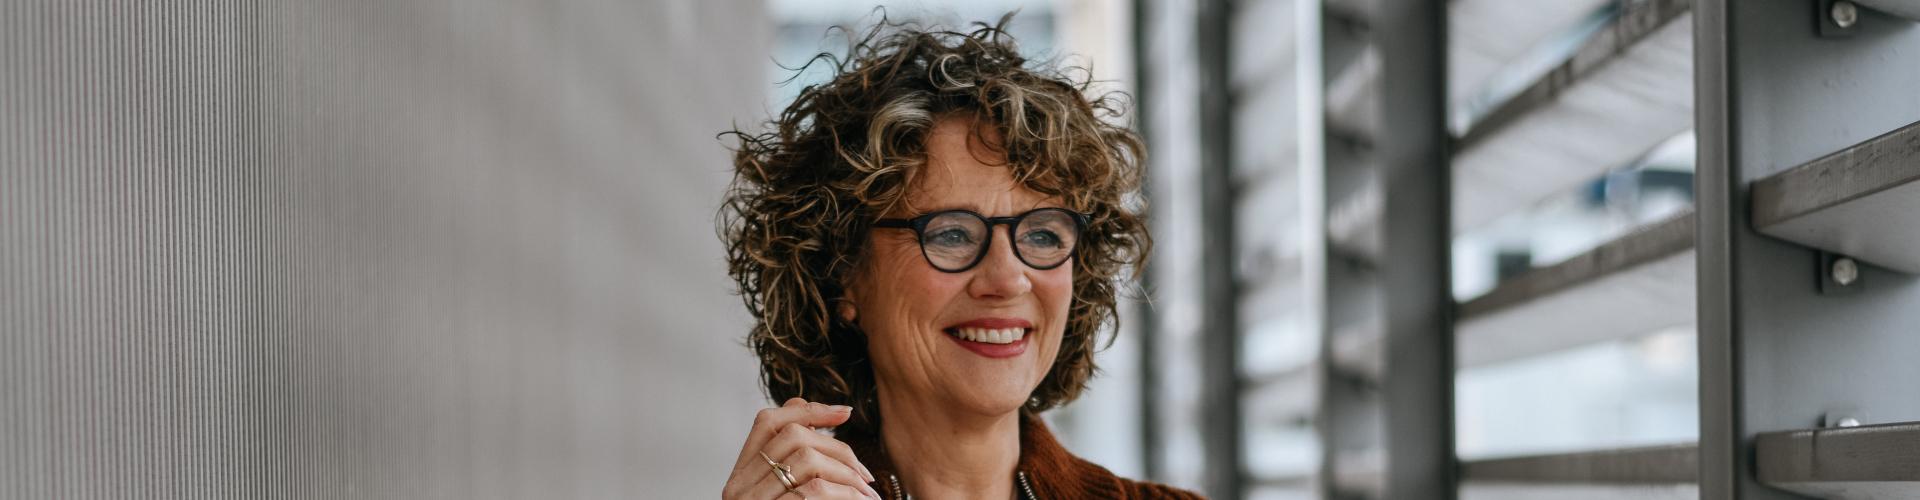 Renee Piket